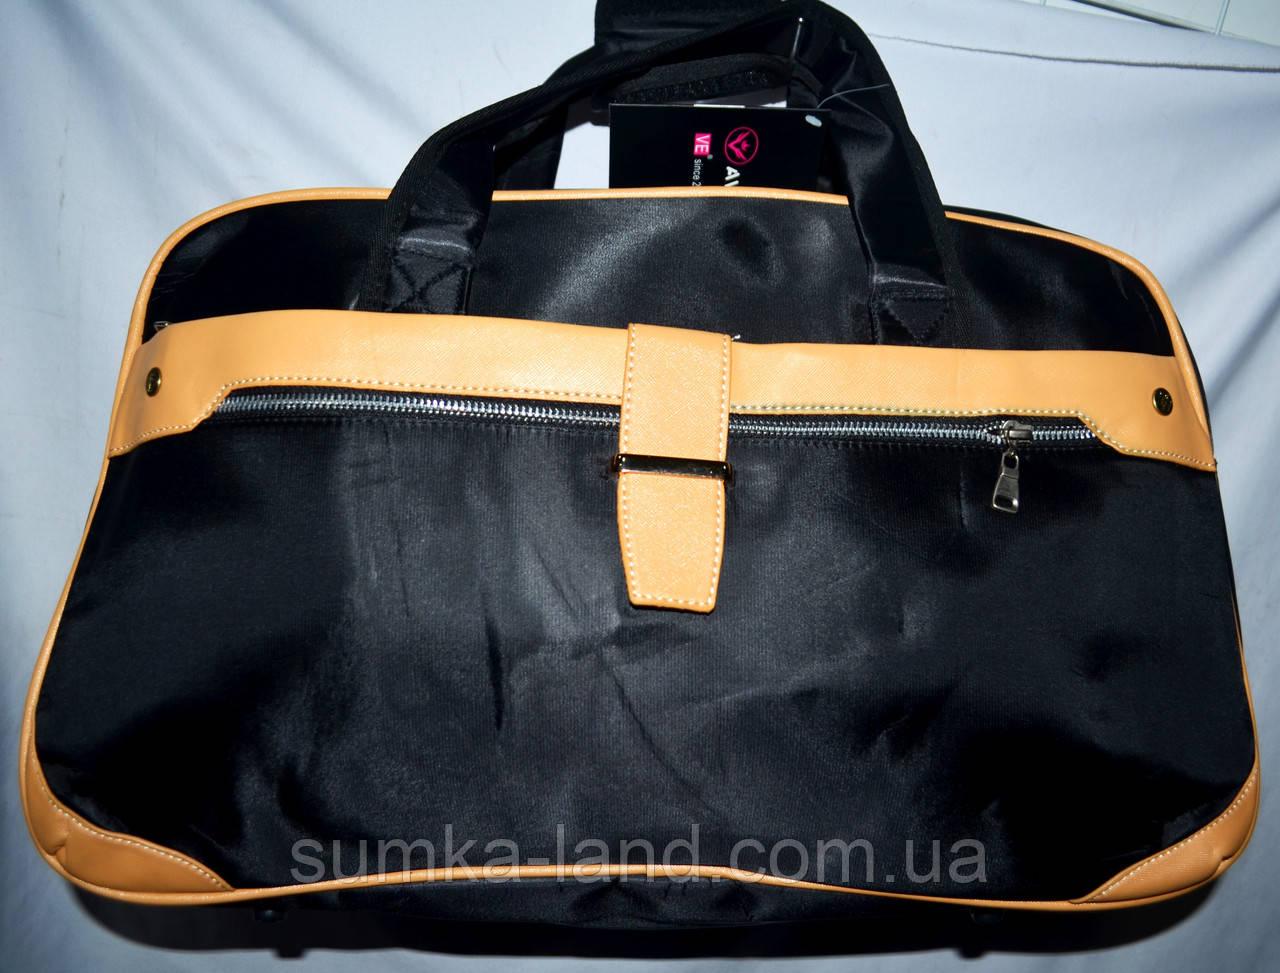 e79437bbb16b Женская черная дорожная сумка из плащевки 50*30 см: продажа, цена в ...